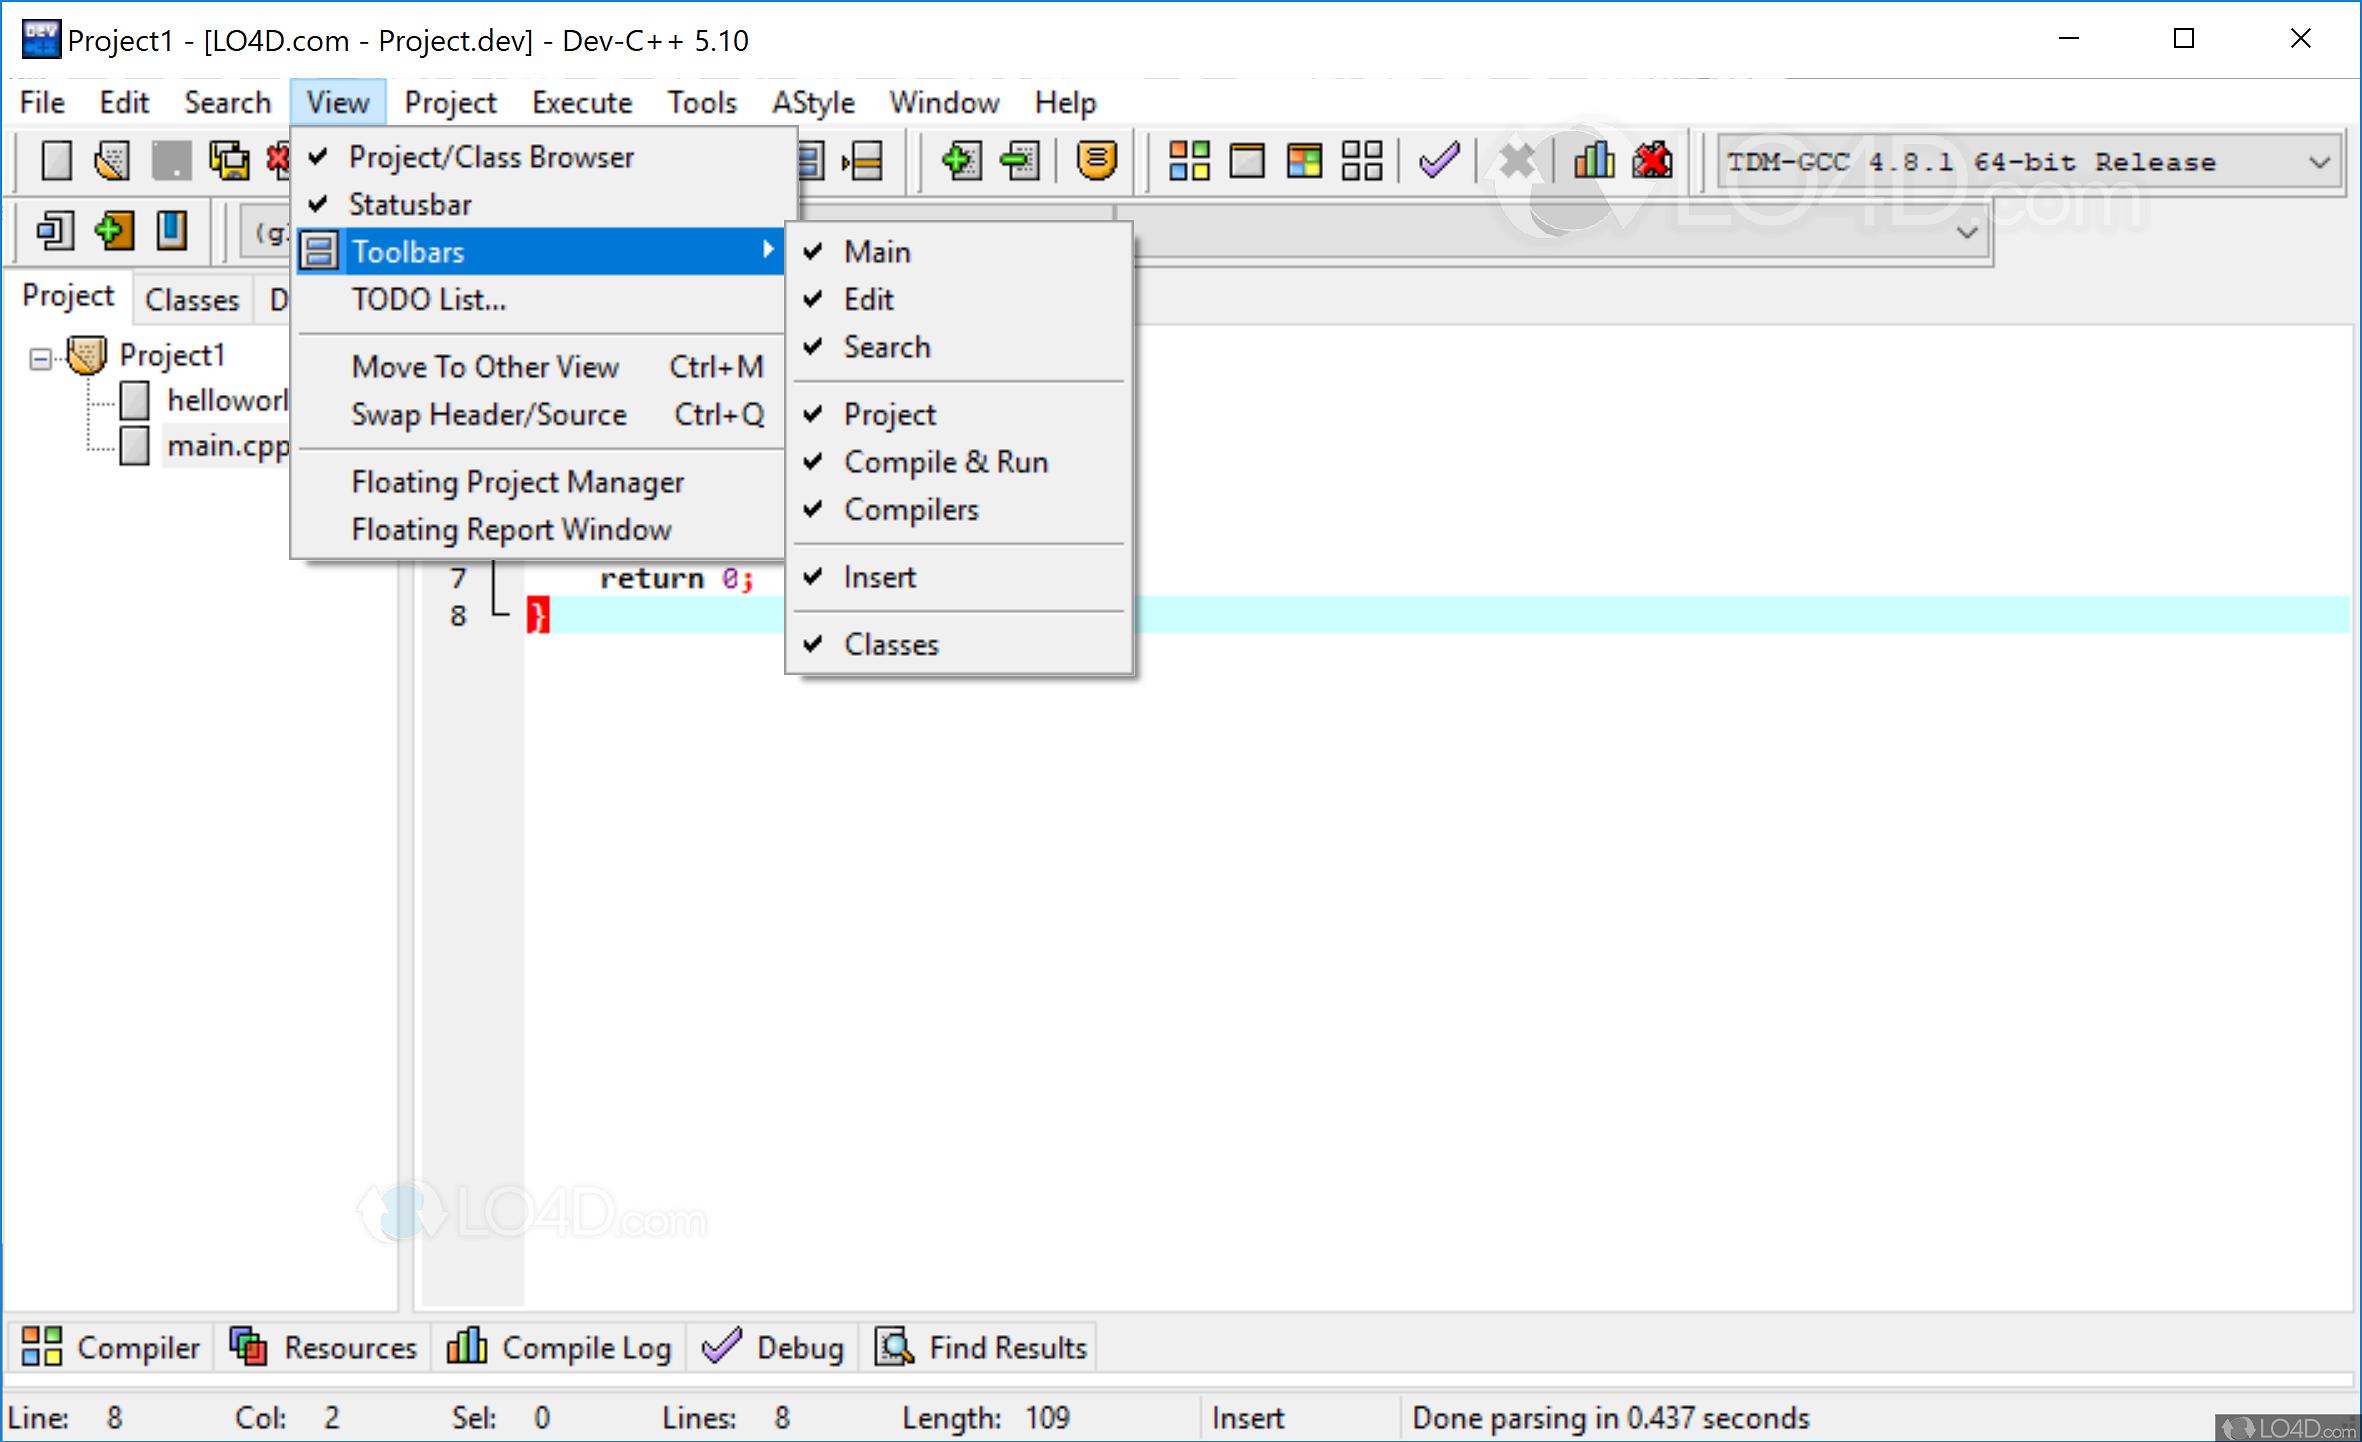 Bloodshed dev c++ for windows 7